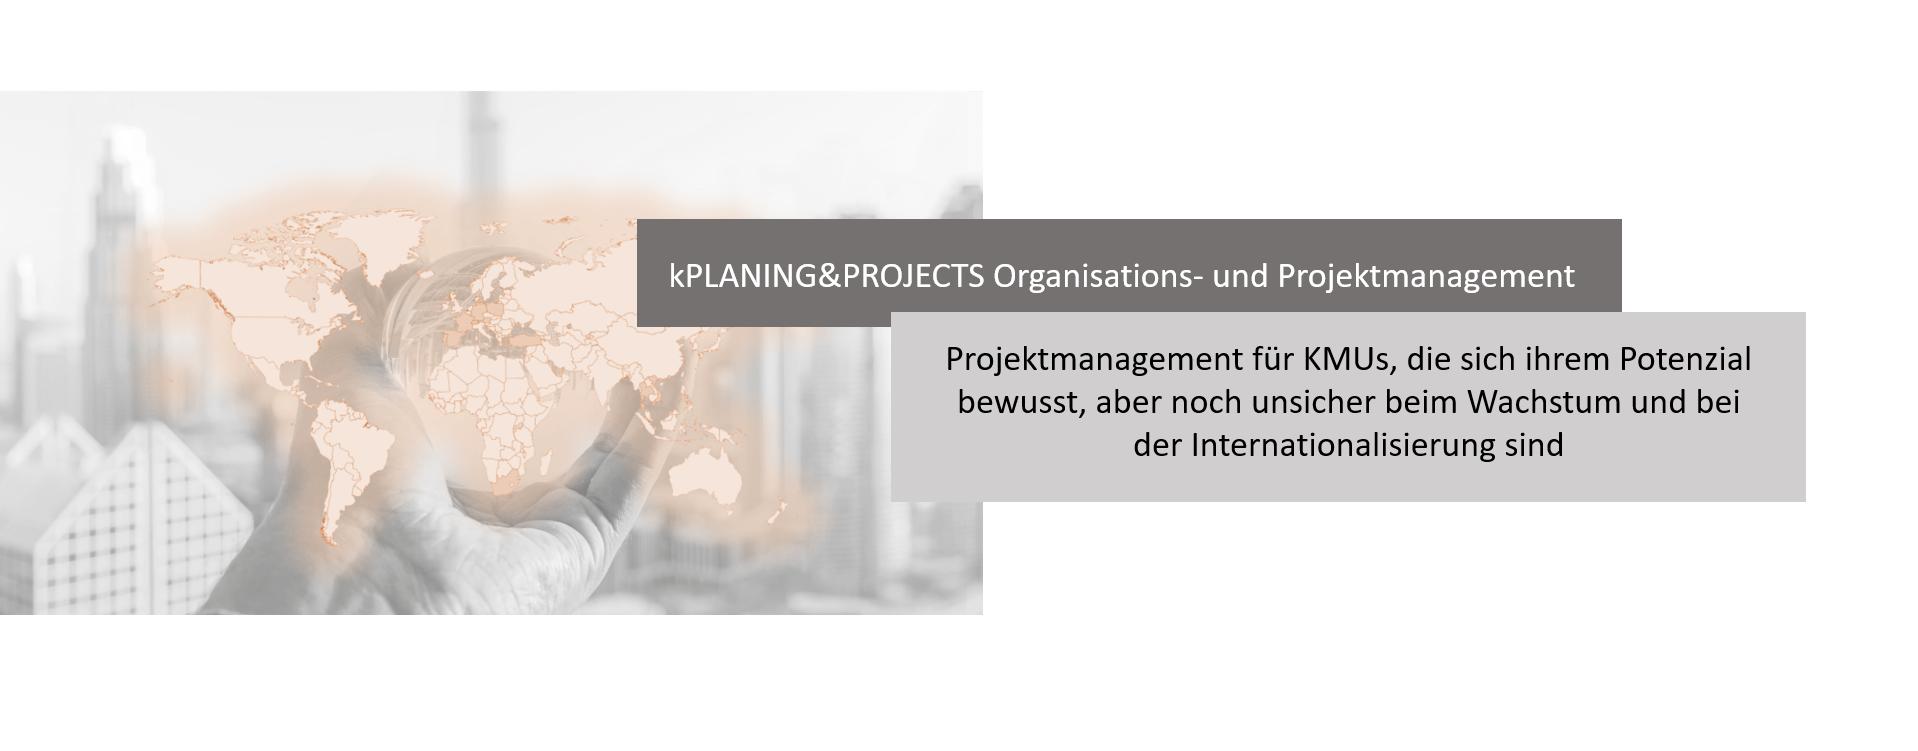 kPLANING&PROJECTS Organisations- und Projektmanagement. Projektmanagement für KMU's, die sich ihrem Potenzial bewusst, aber noch unsicher beim Wachstum und bei der Internationalisierung sind.